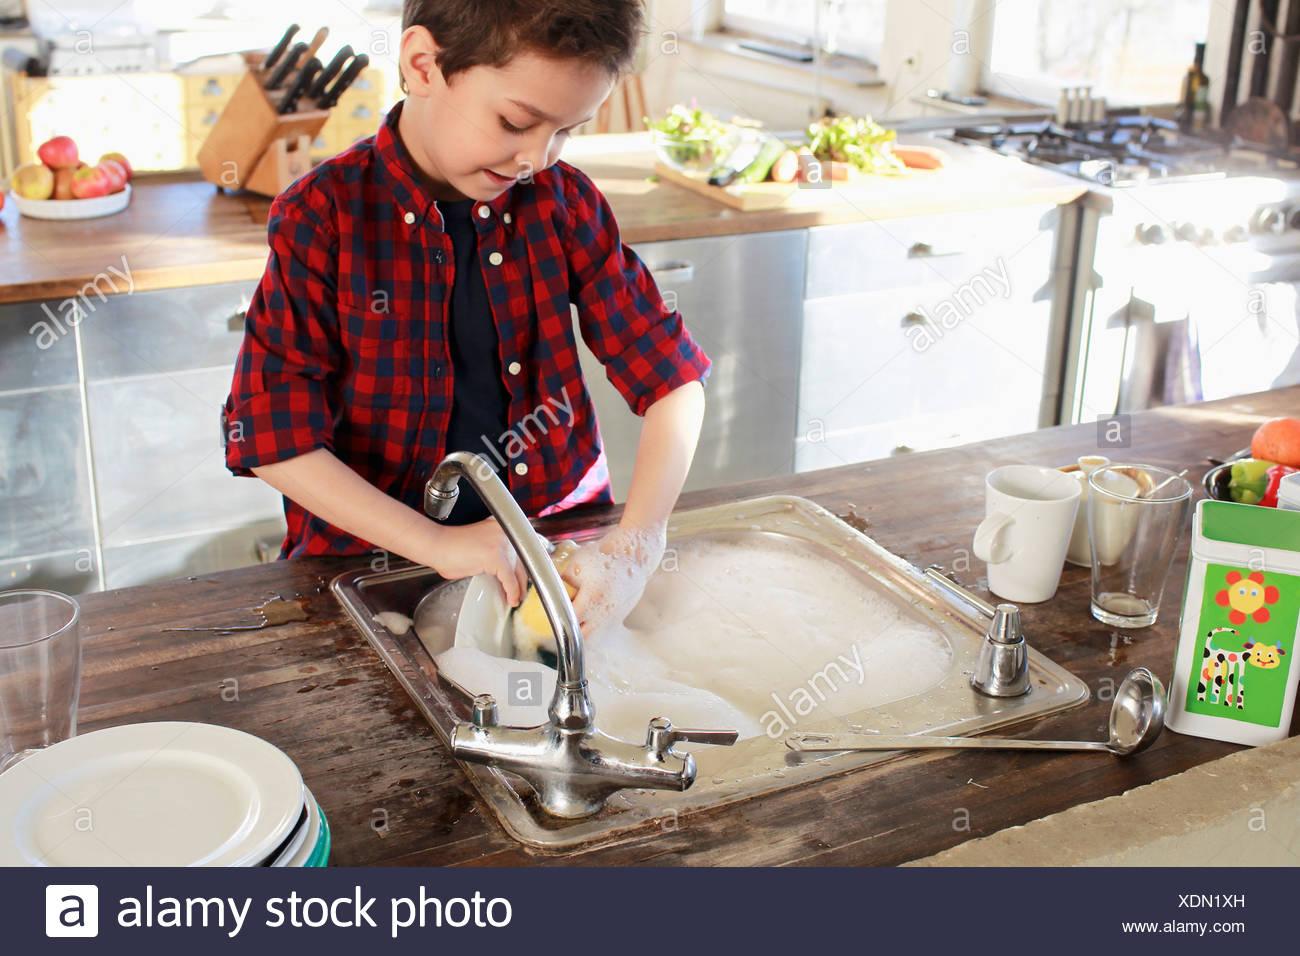 Jeune garçon dans la cuisine vaisselle Photo Stock